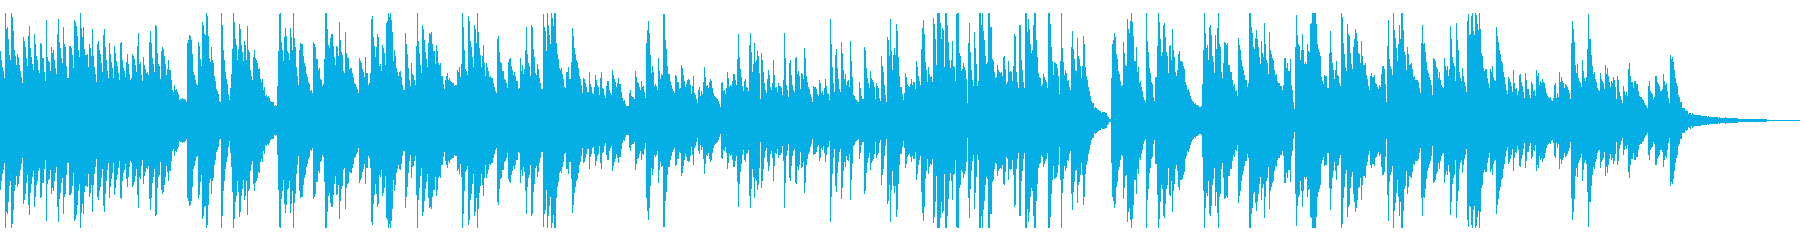 切なく温かいメロディのピアノソロバラードの再生済みの波形